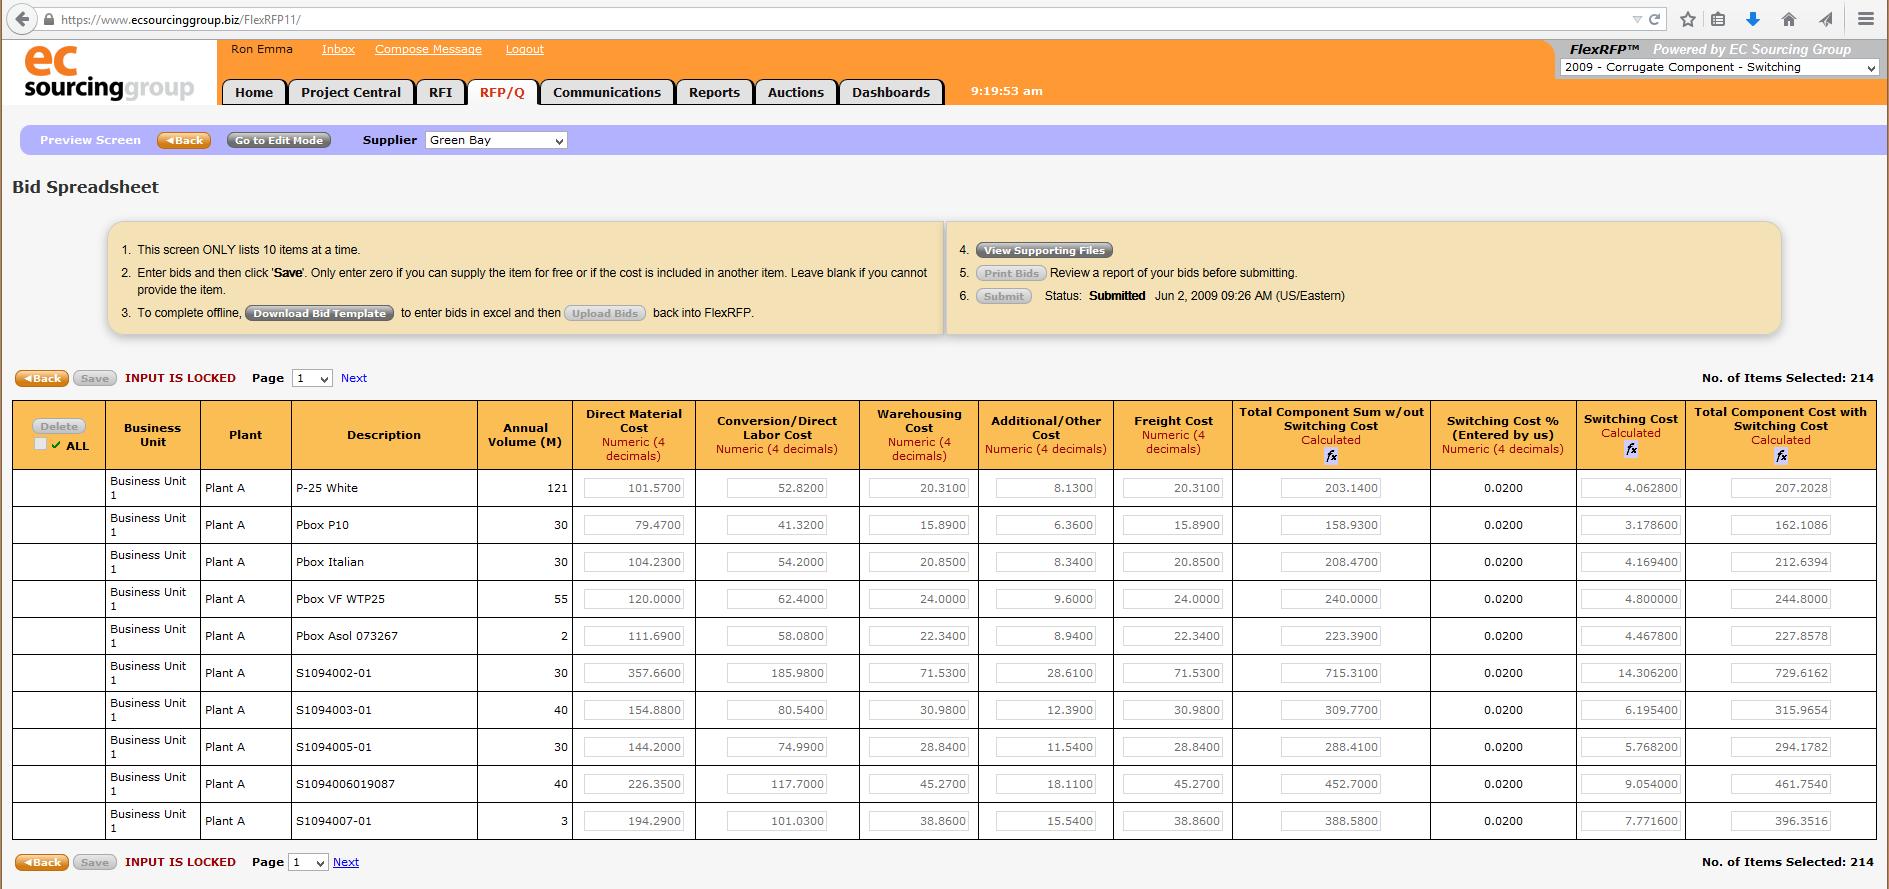 Supplier View of Bid Spreadsheet